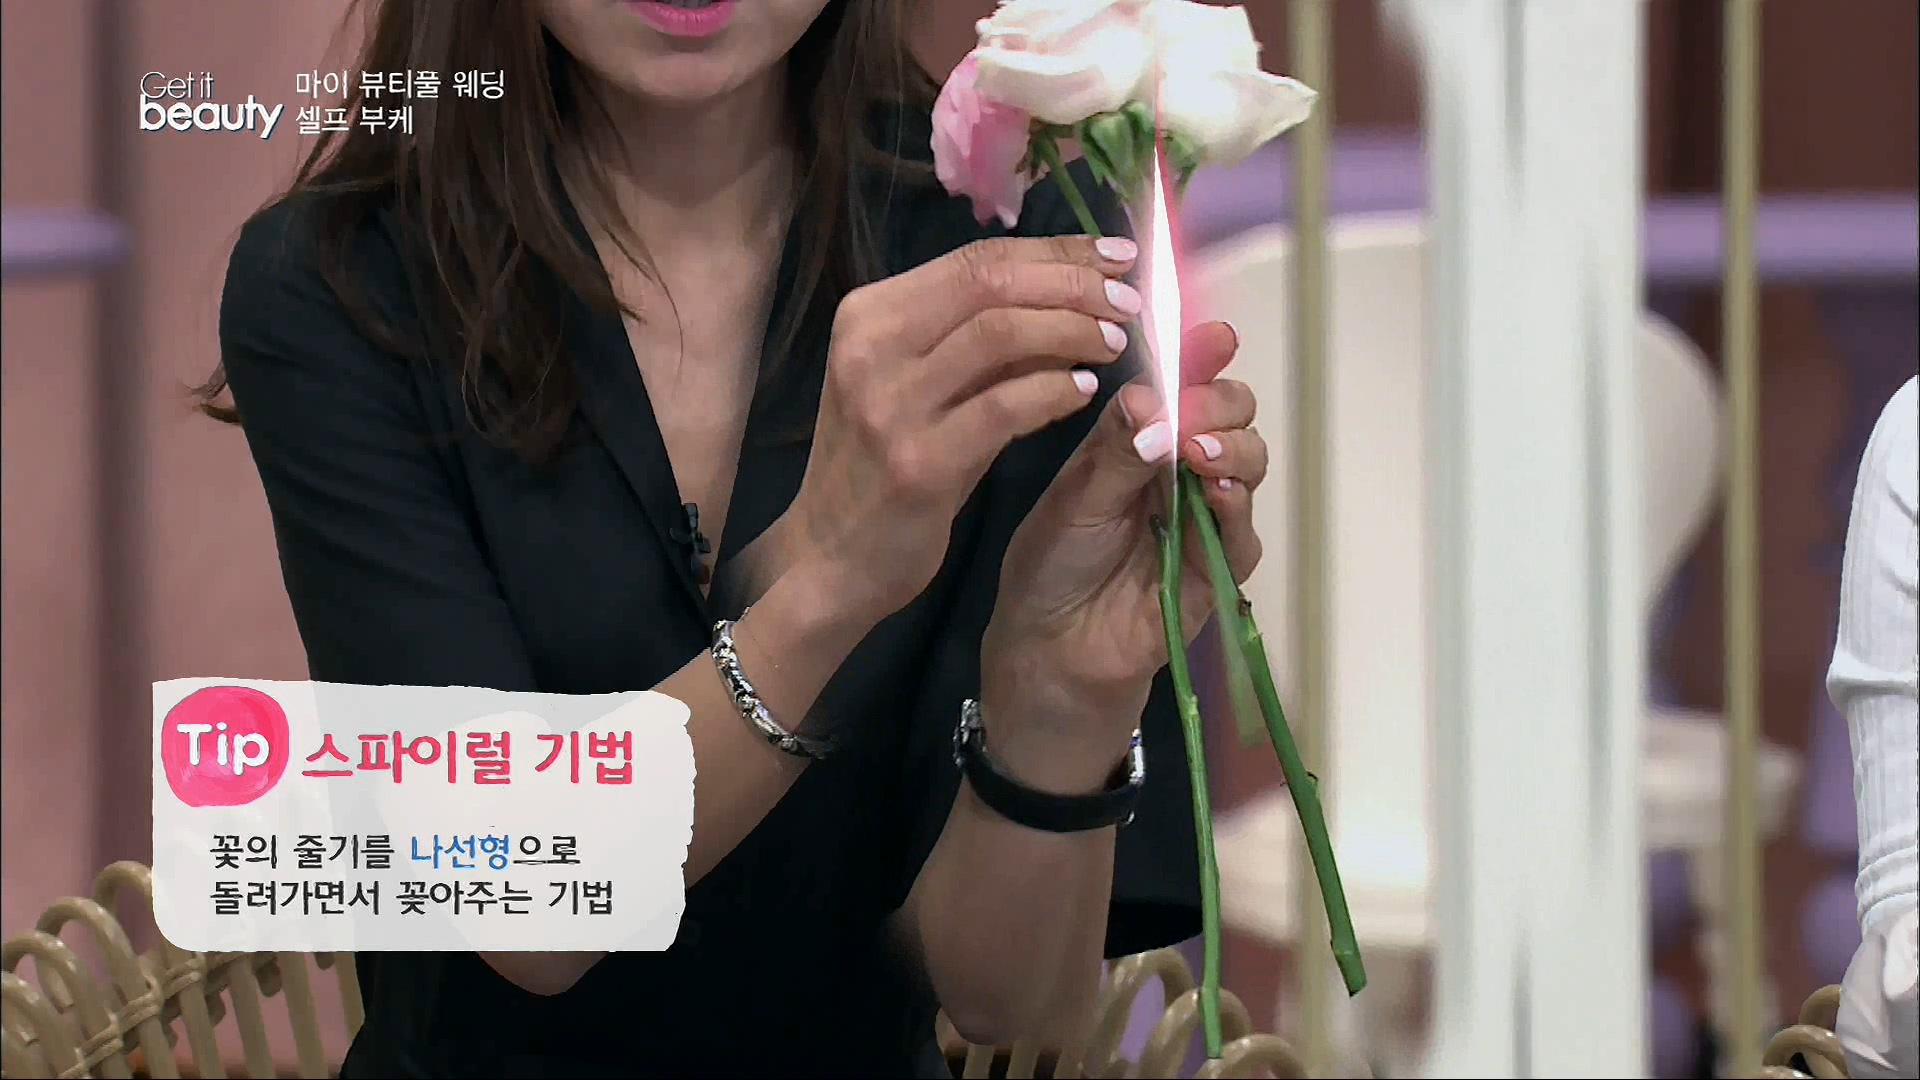 Tip. 스파이럴 기법 꽃의 줄기를 나선형으로 돌려가면서 꽂아주는 기법